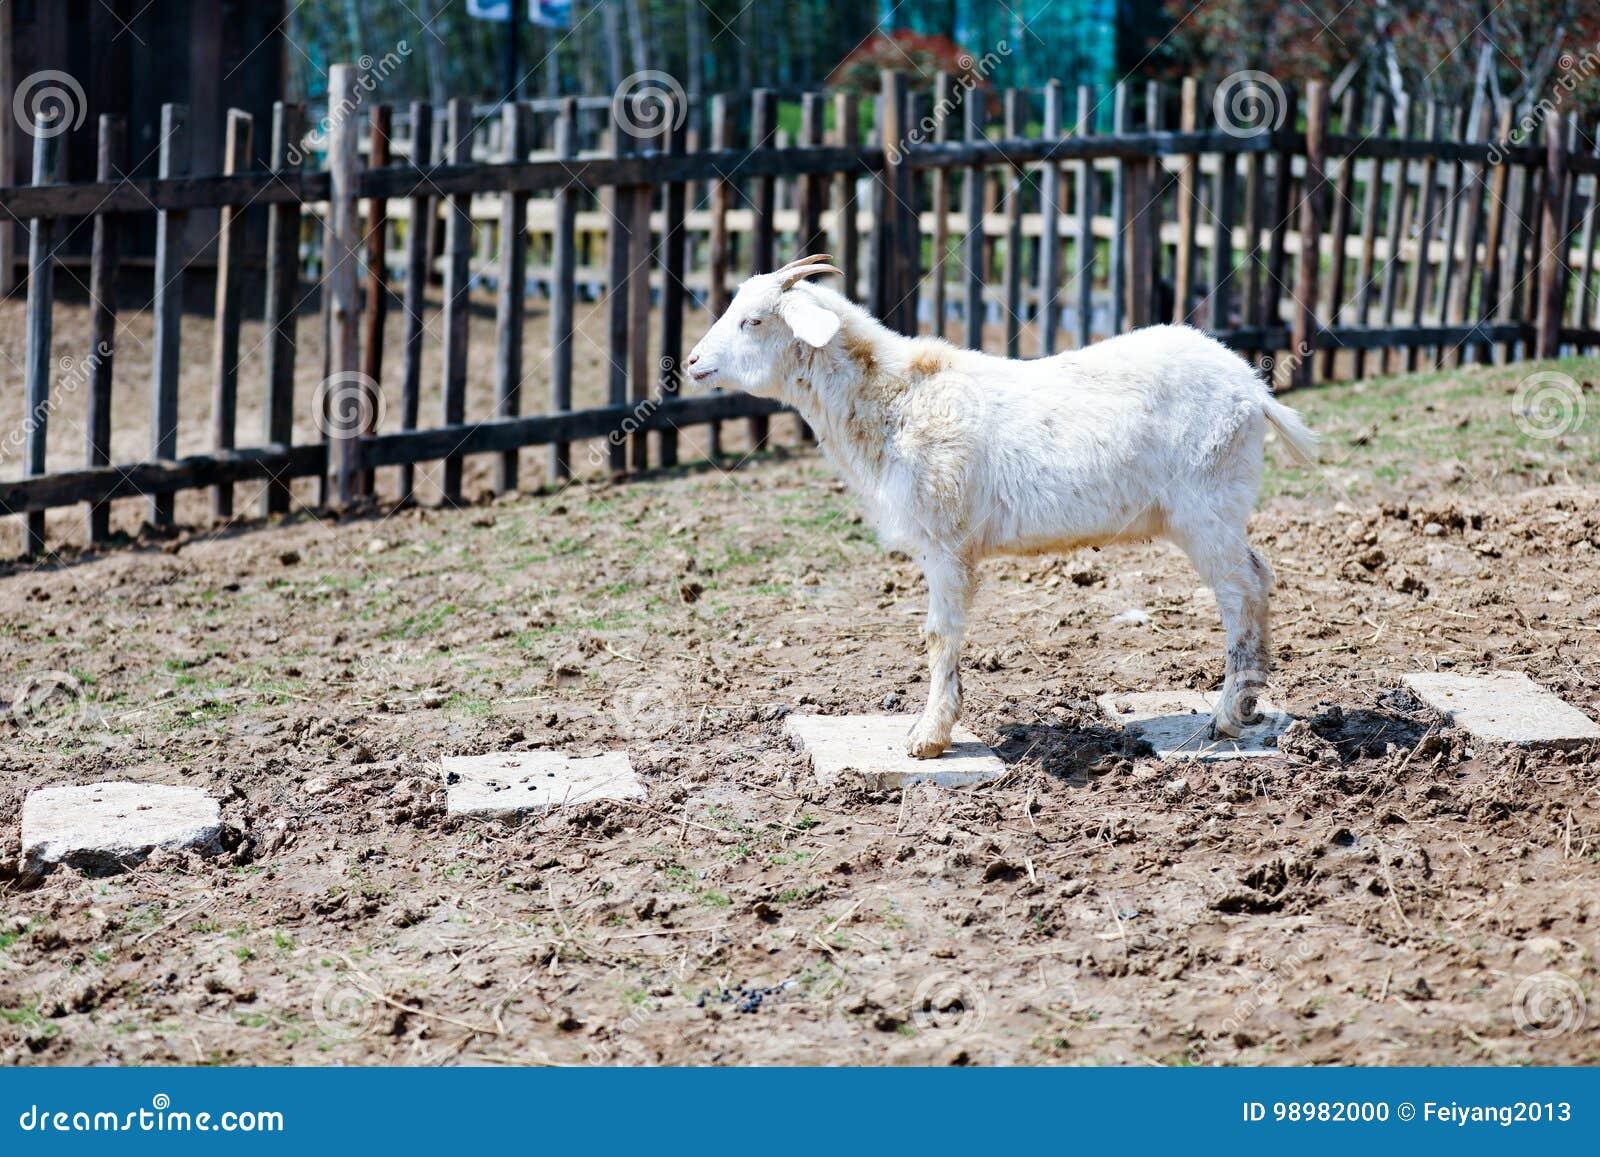 Goat stock photo  Image of goat, nature, baby, livestock